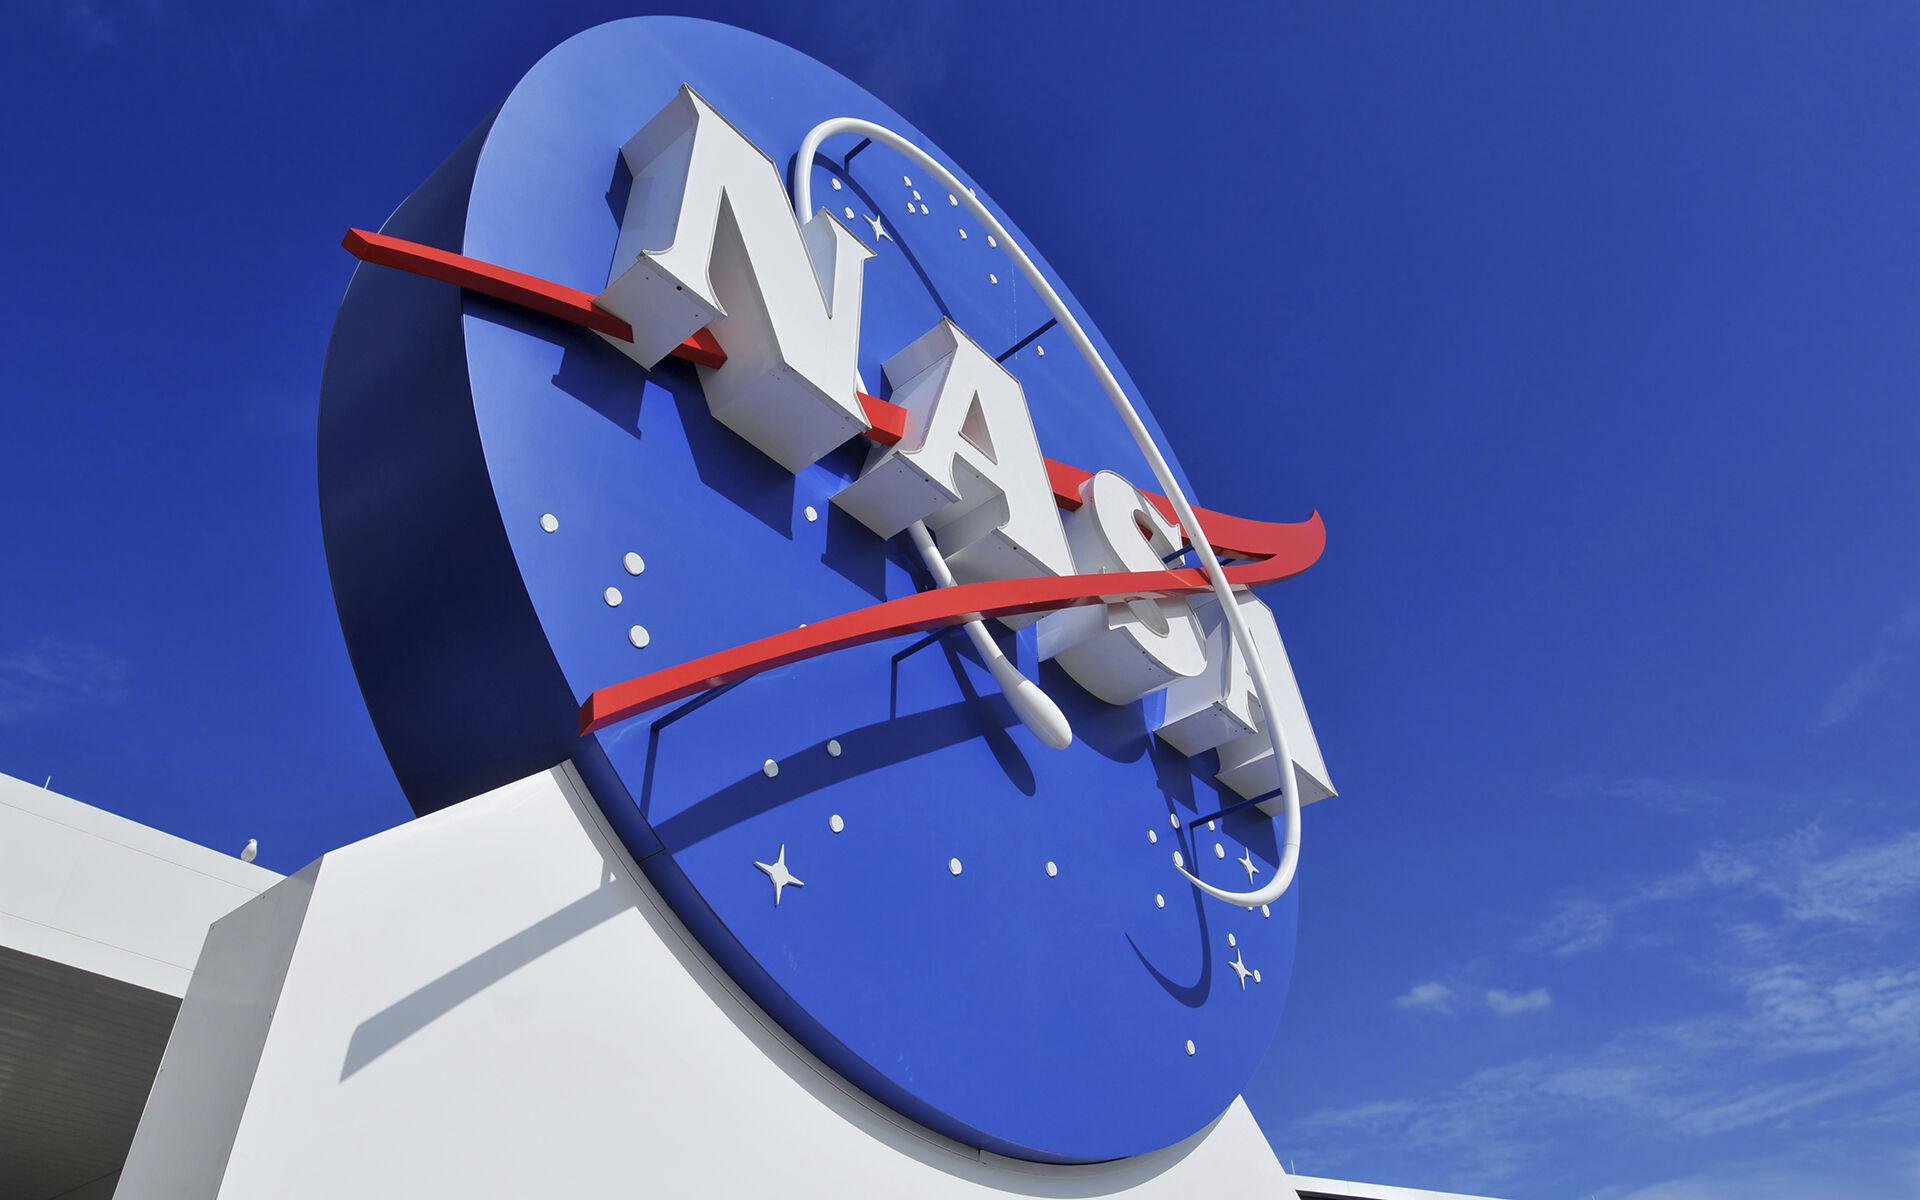 NASA IDIQ